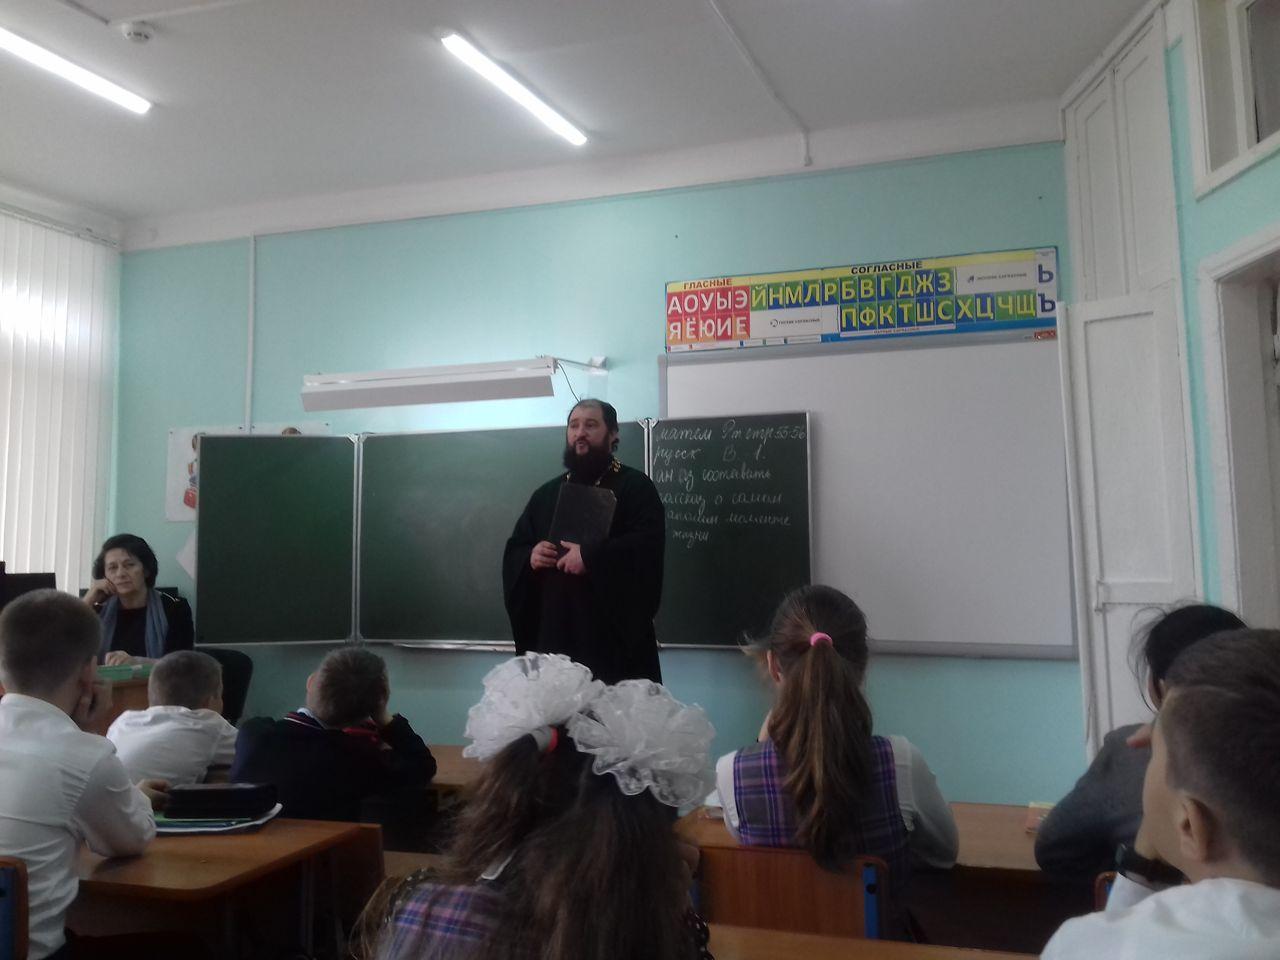 Встречу в лицее посвятили православной книге